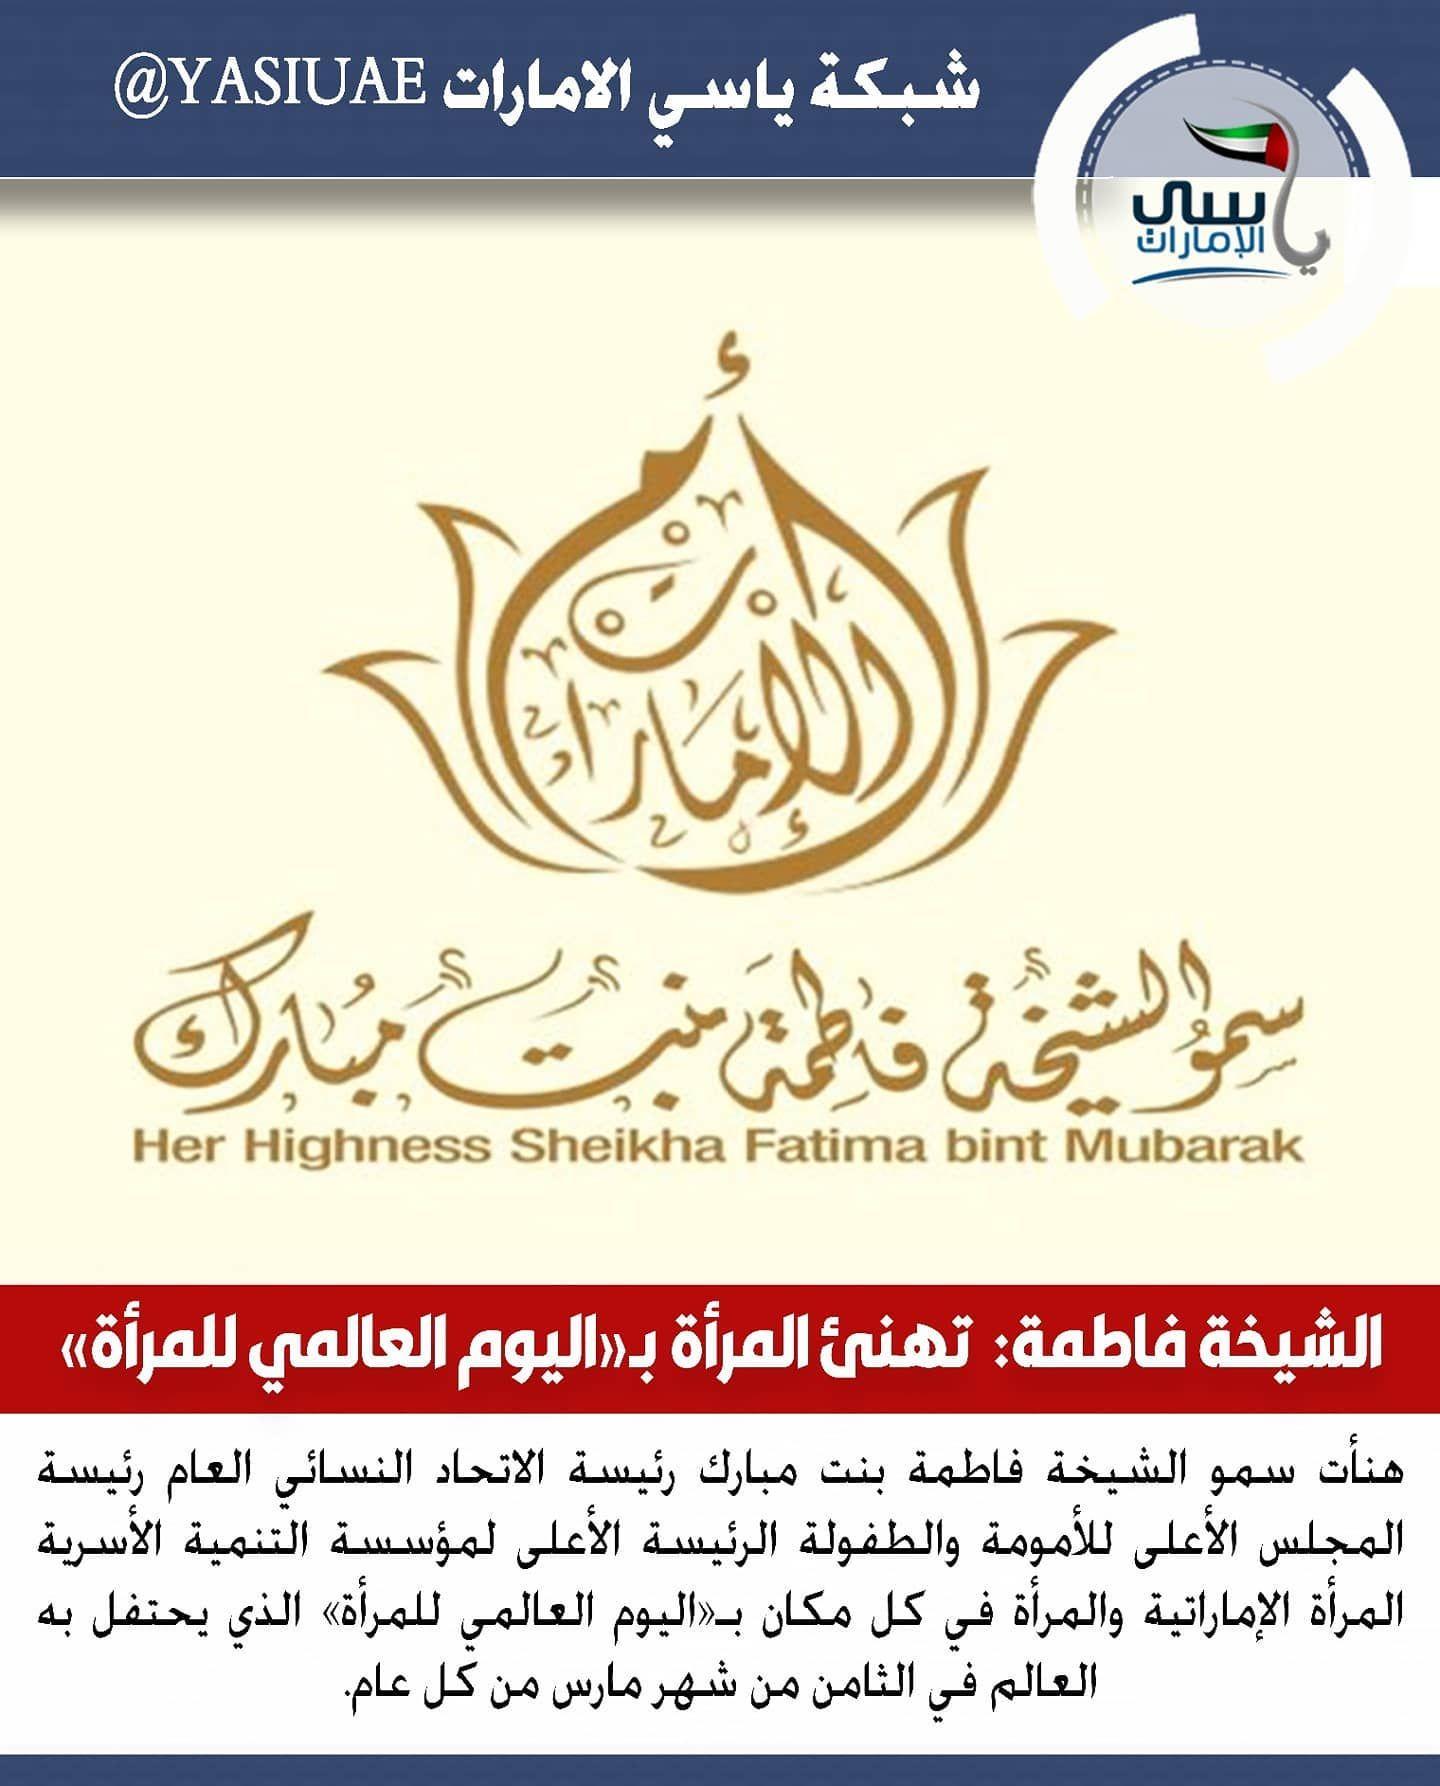 ياسي الامارات اليوم العالمي للمرأة وقالت سموها في كلمة لها بهذه المناسبة إن مسيرة تمكين المرأة الإماراتية متواصلة على كا Arabic Calligraphy Calligraphy